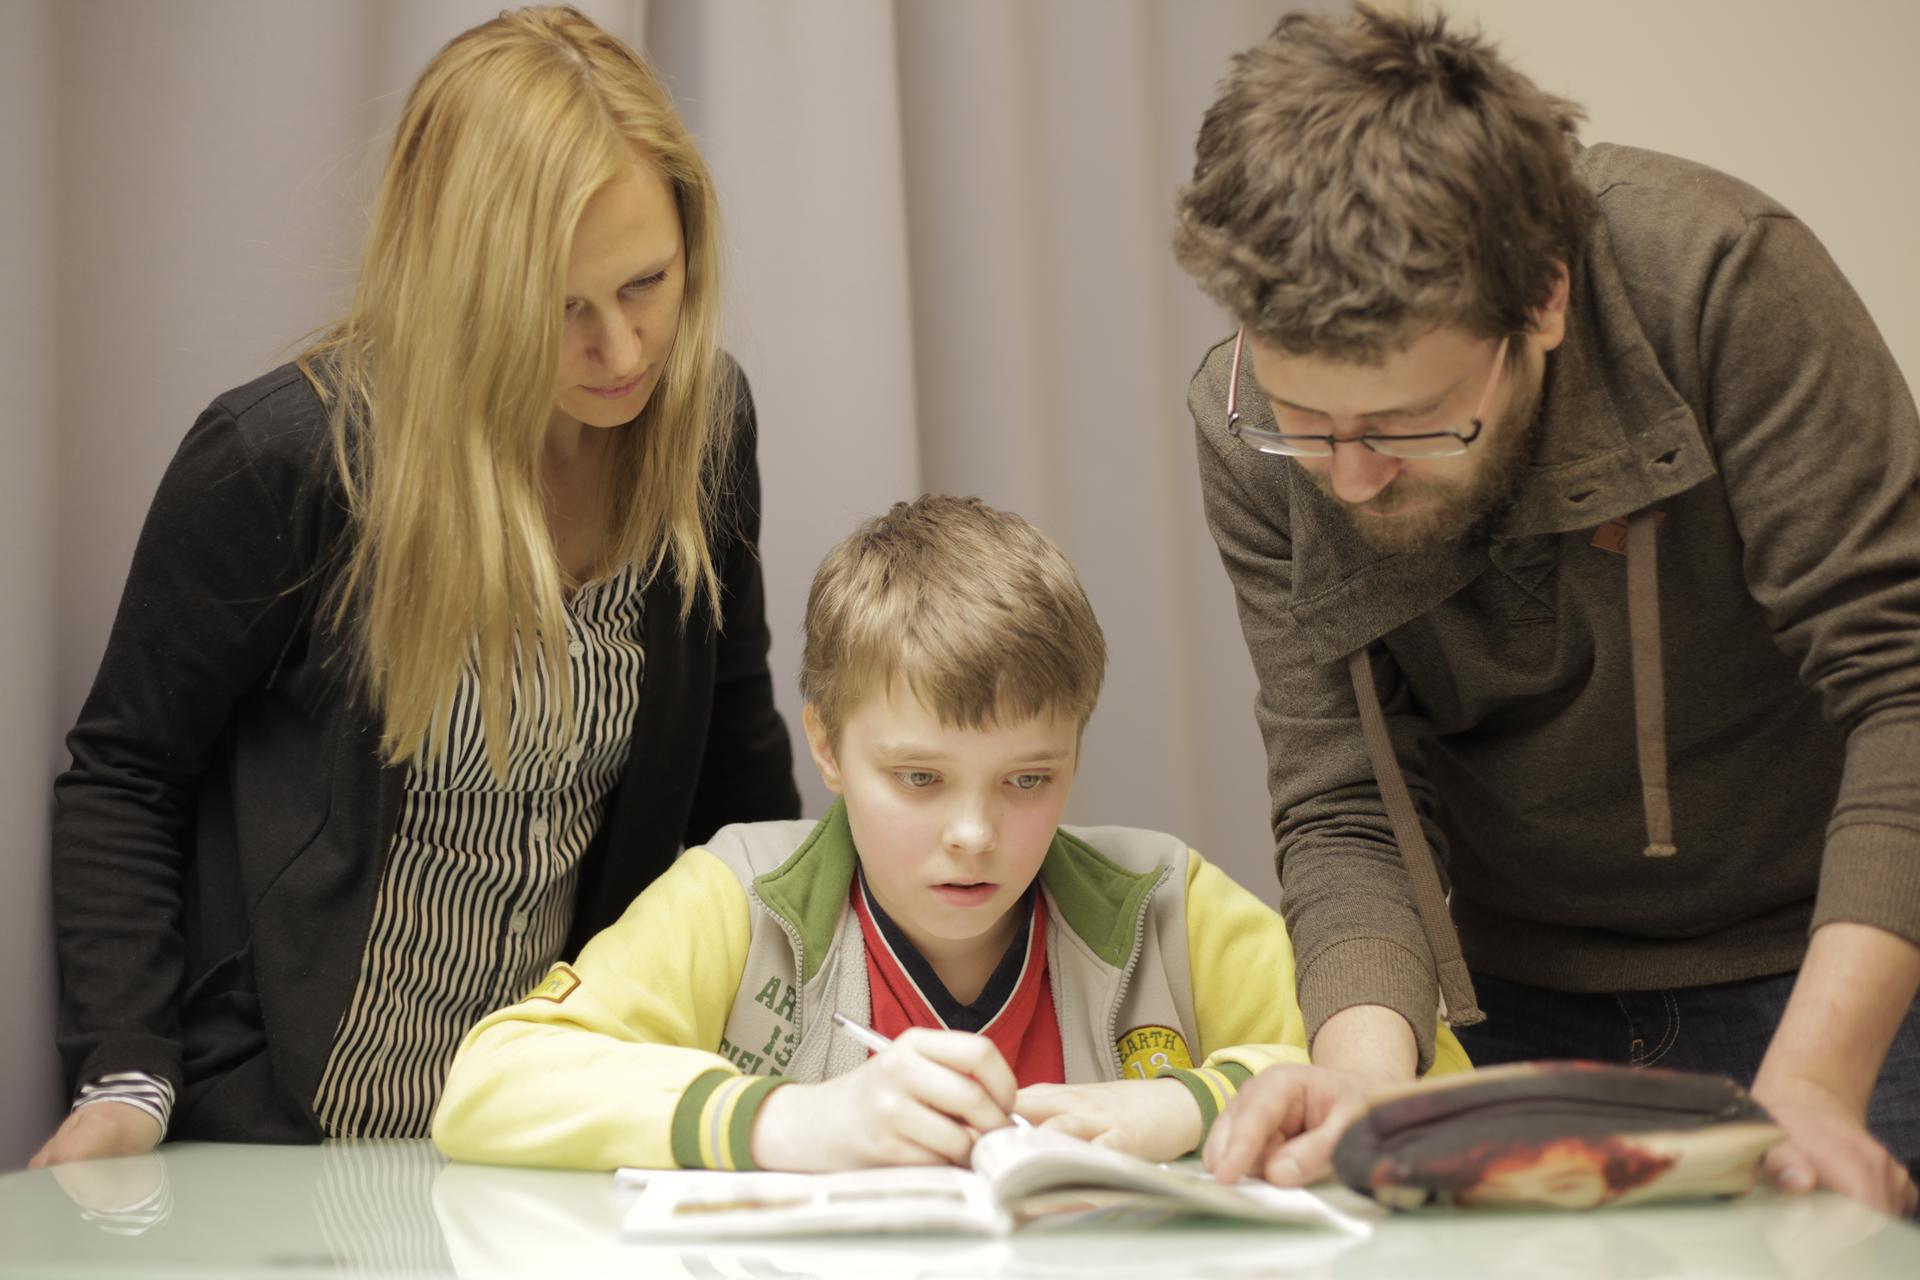 Fotografia prezentuje chłopca siedzącego przy stole iodrabiającego lekcje. Nad nim pochylają się rodzice pomagający odrabiać zadania.